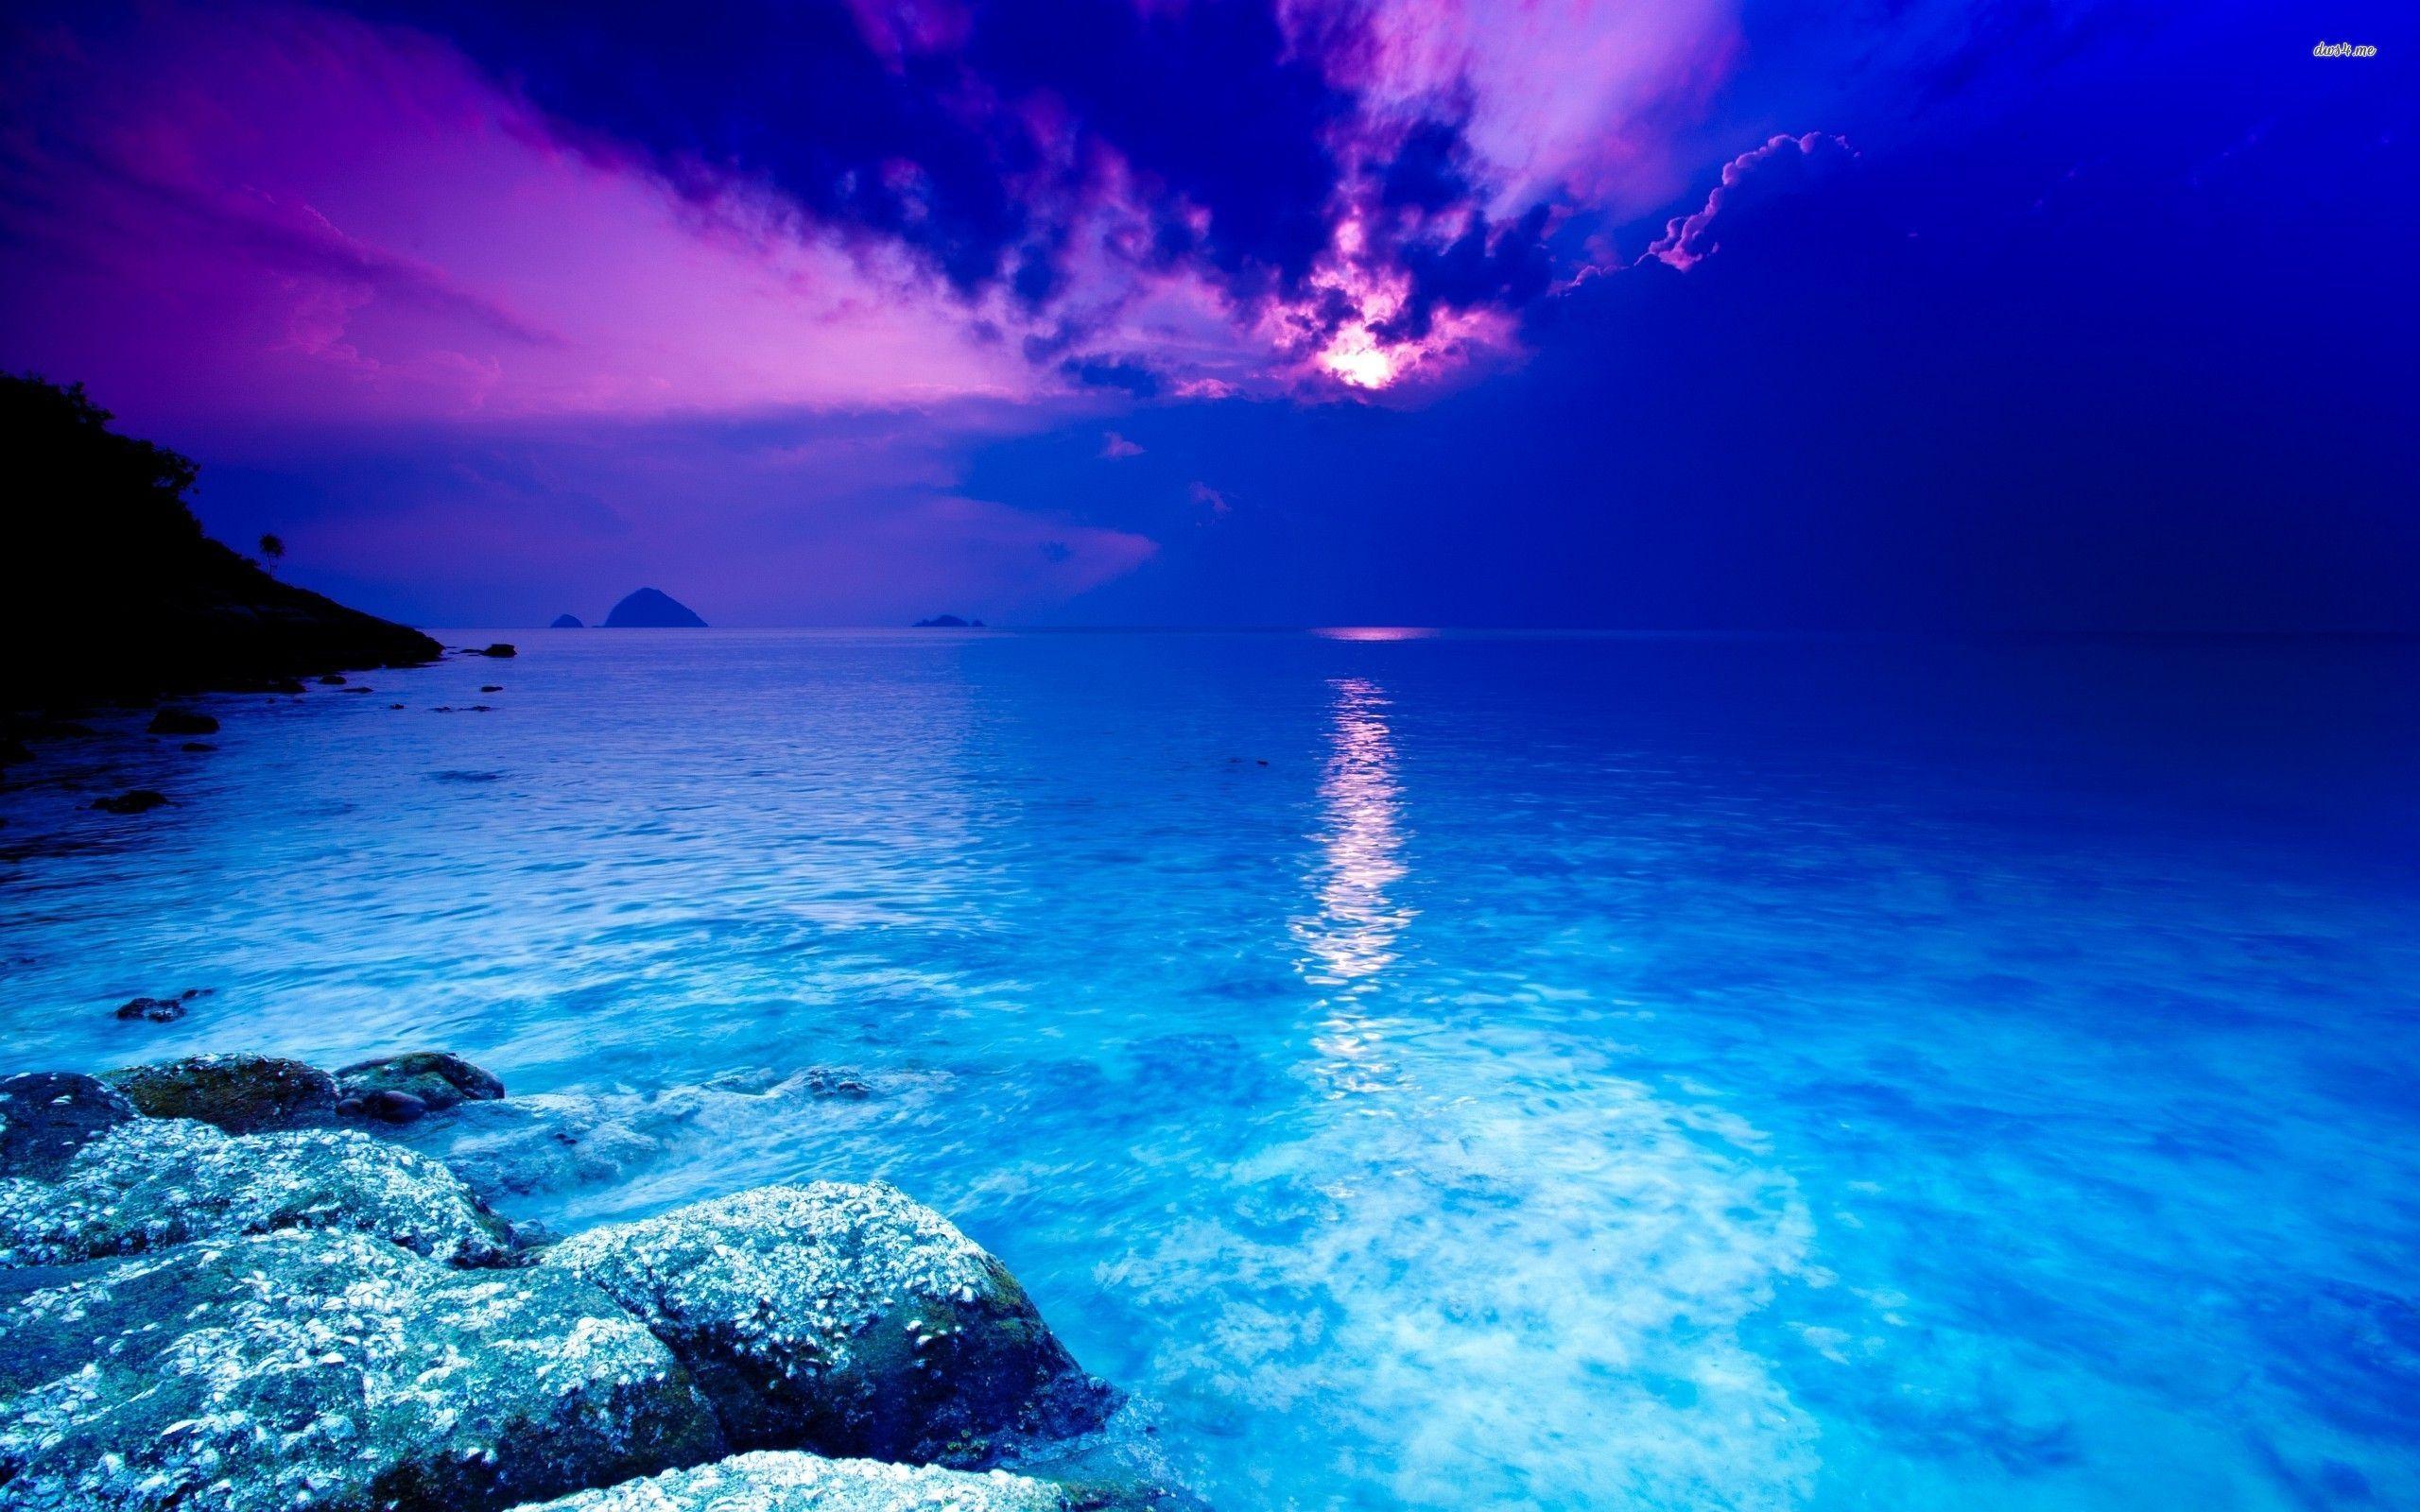 Blue Beach Wallpapers   Top Blue Beach Backgrounds 2560x1600